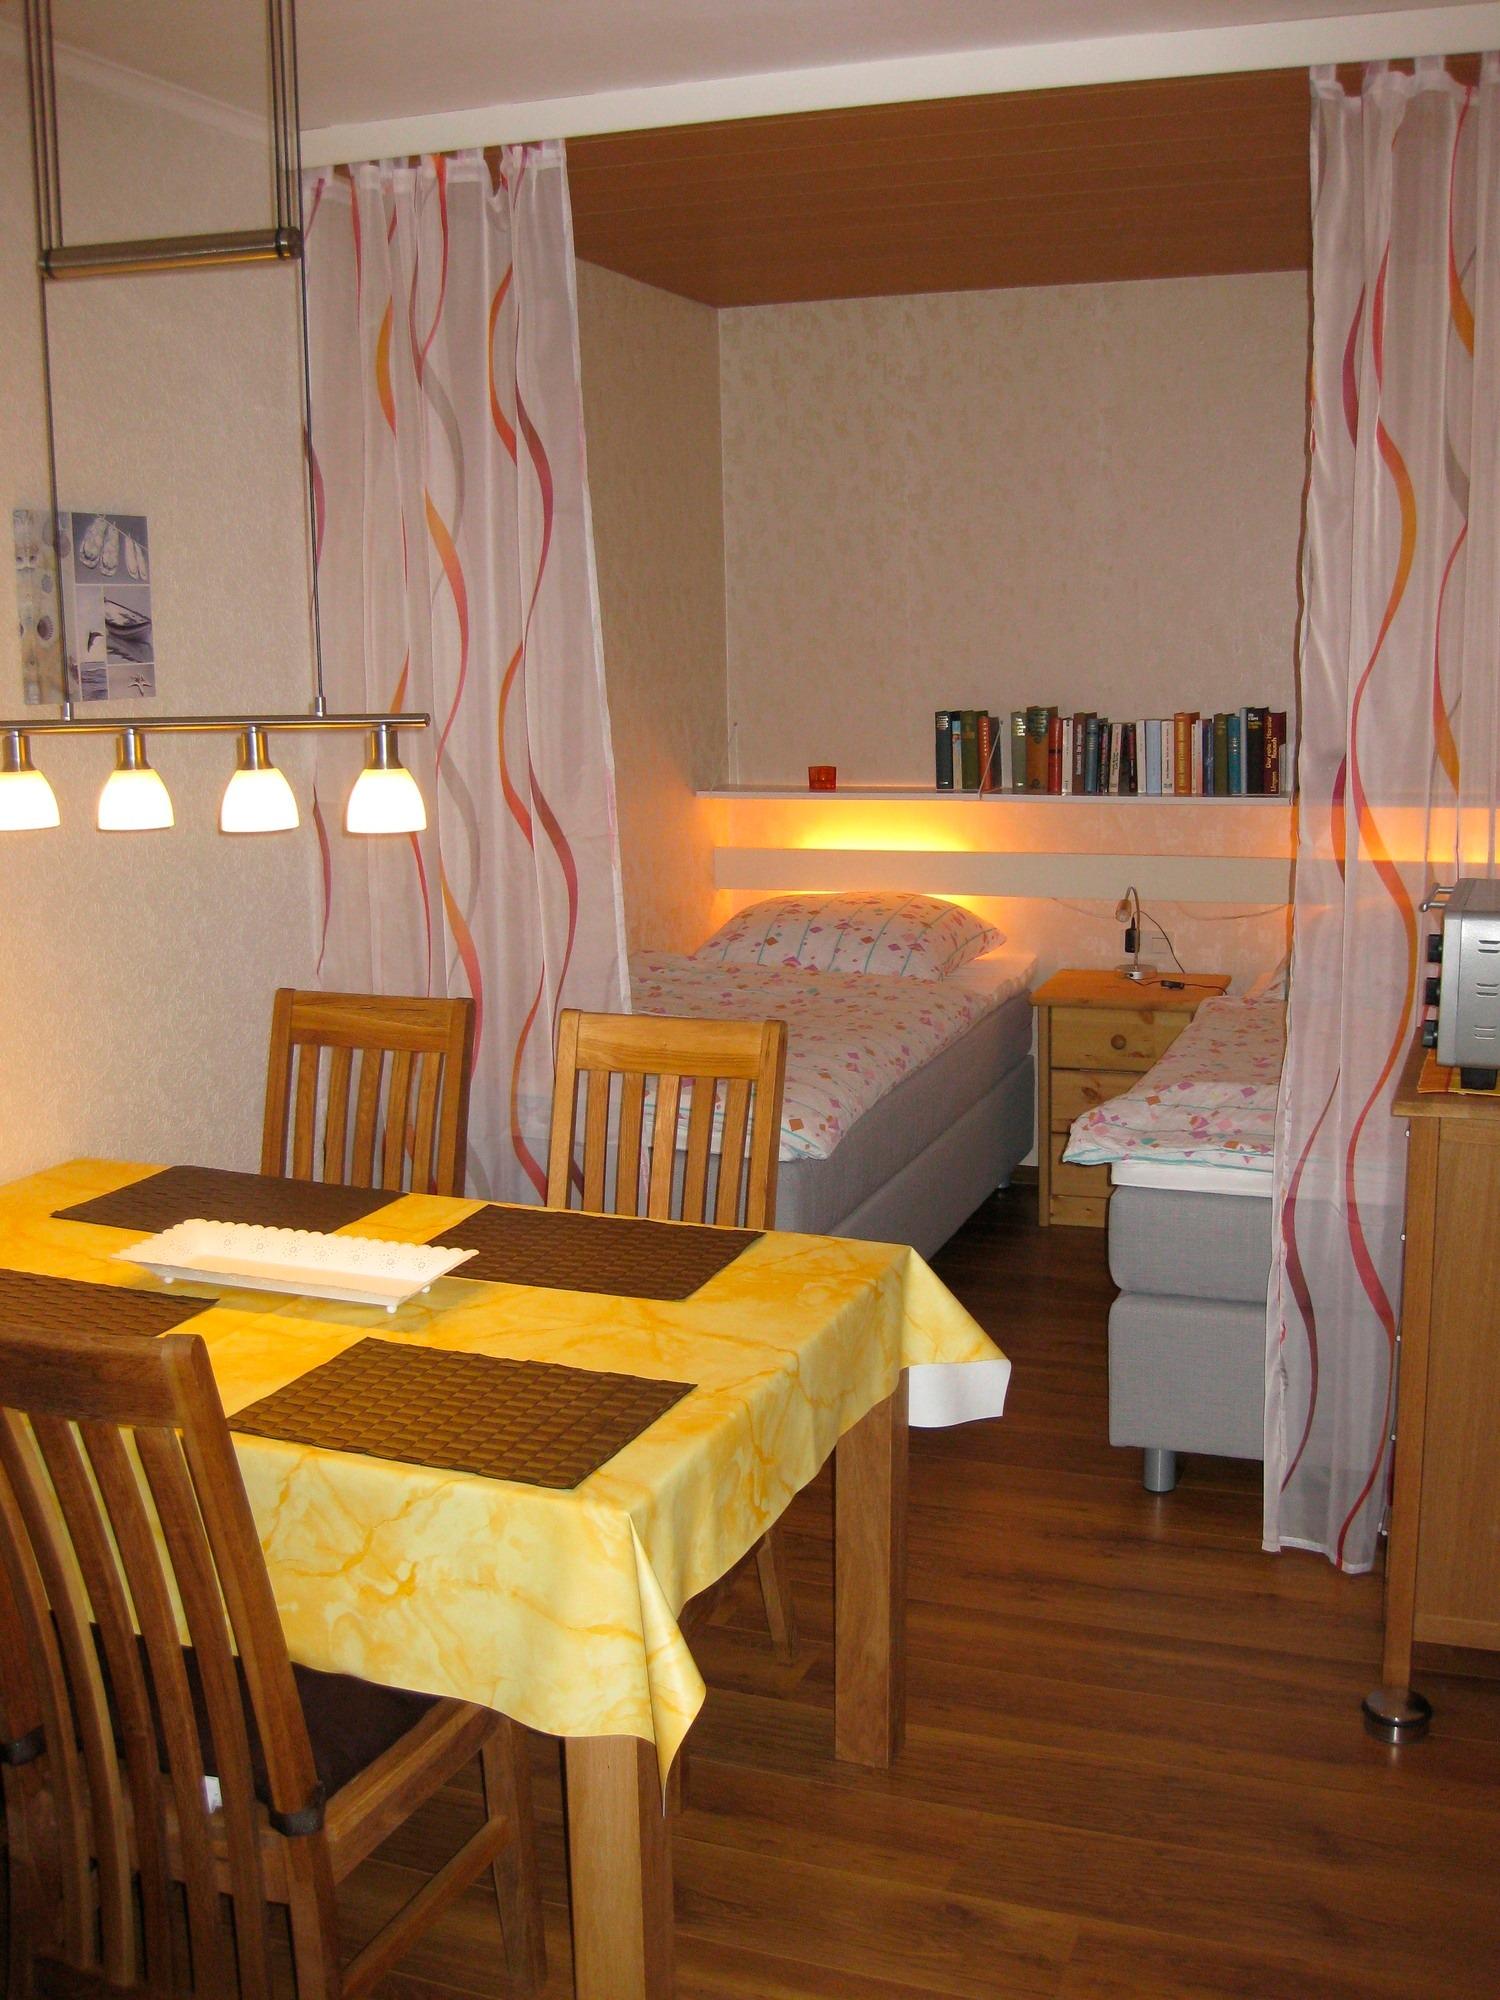 Ferienwohnung Haus Nautic 4-3-6 (887416), Kellenhusen, Lübecker Bucht, Schleswig-Holstein, Deutschland, Bild 6